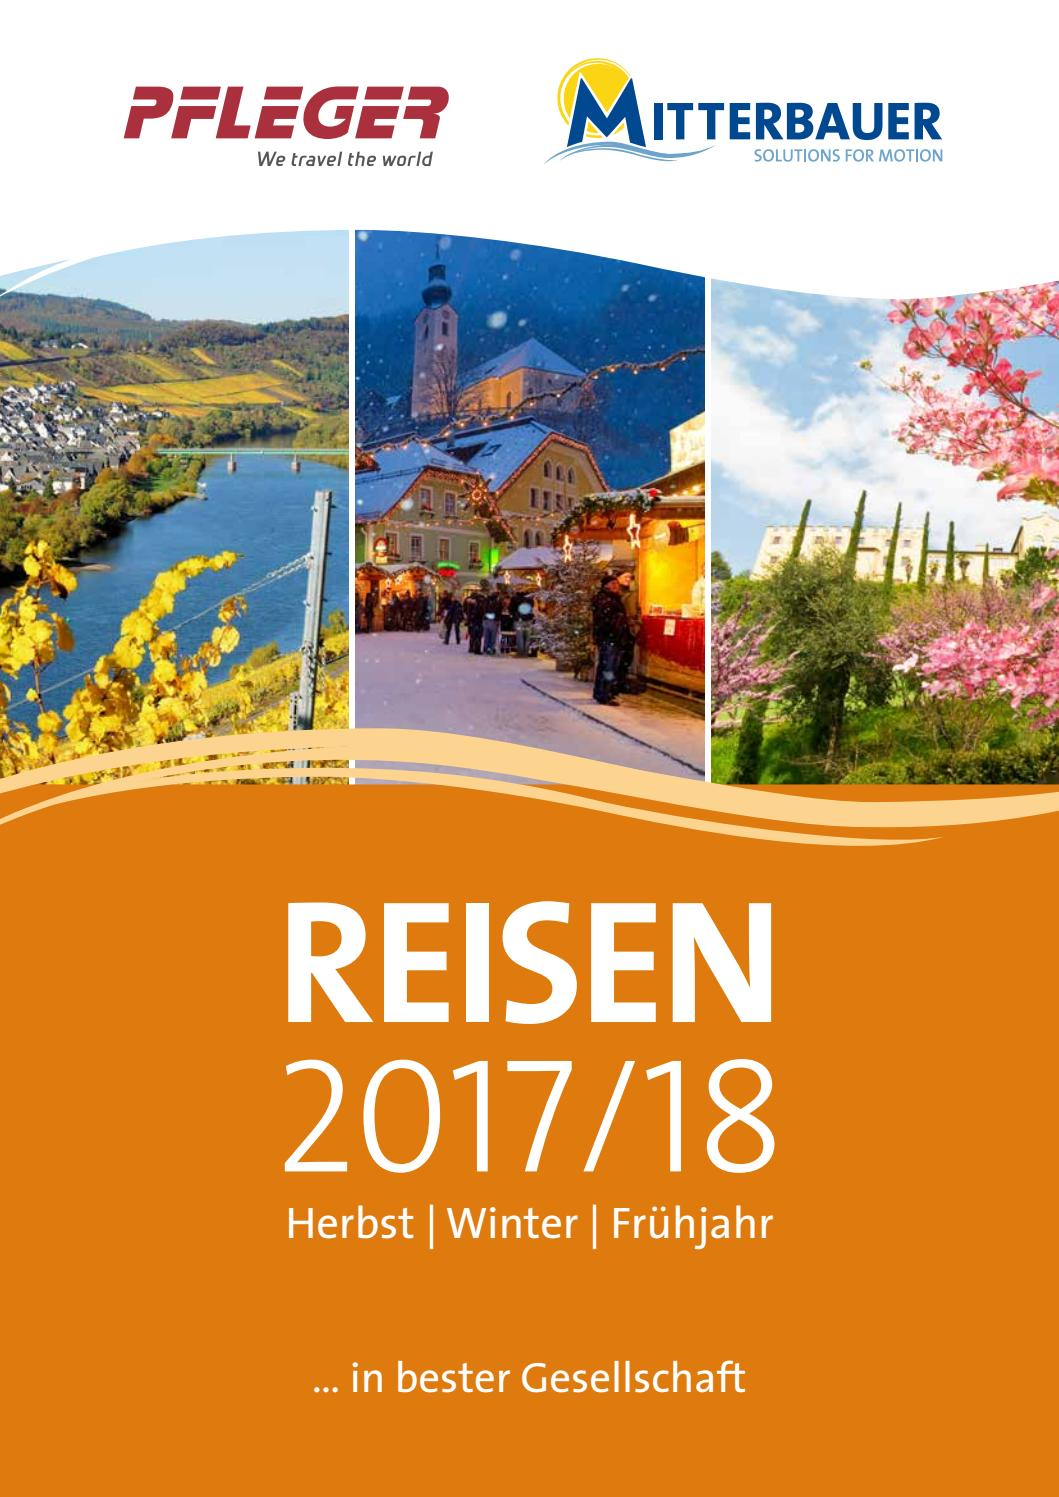 Herbstreisen Busreisen 2017 Mitterbauer Pfleger by Mitterbauer ...